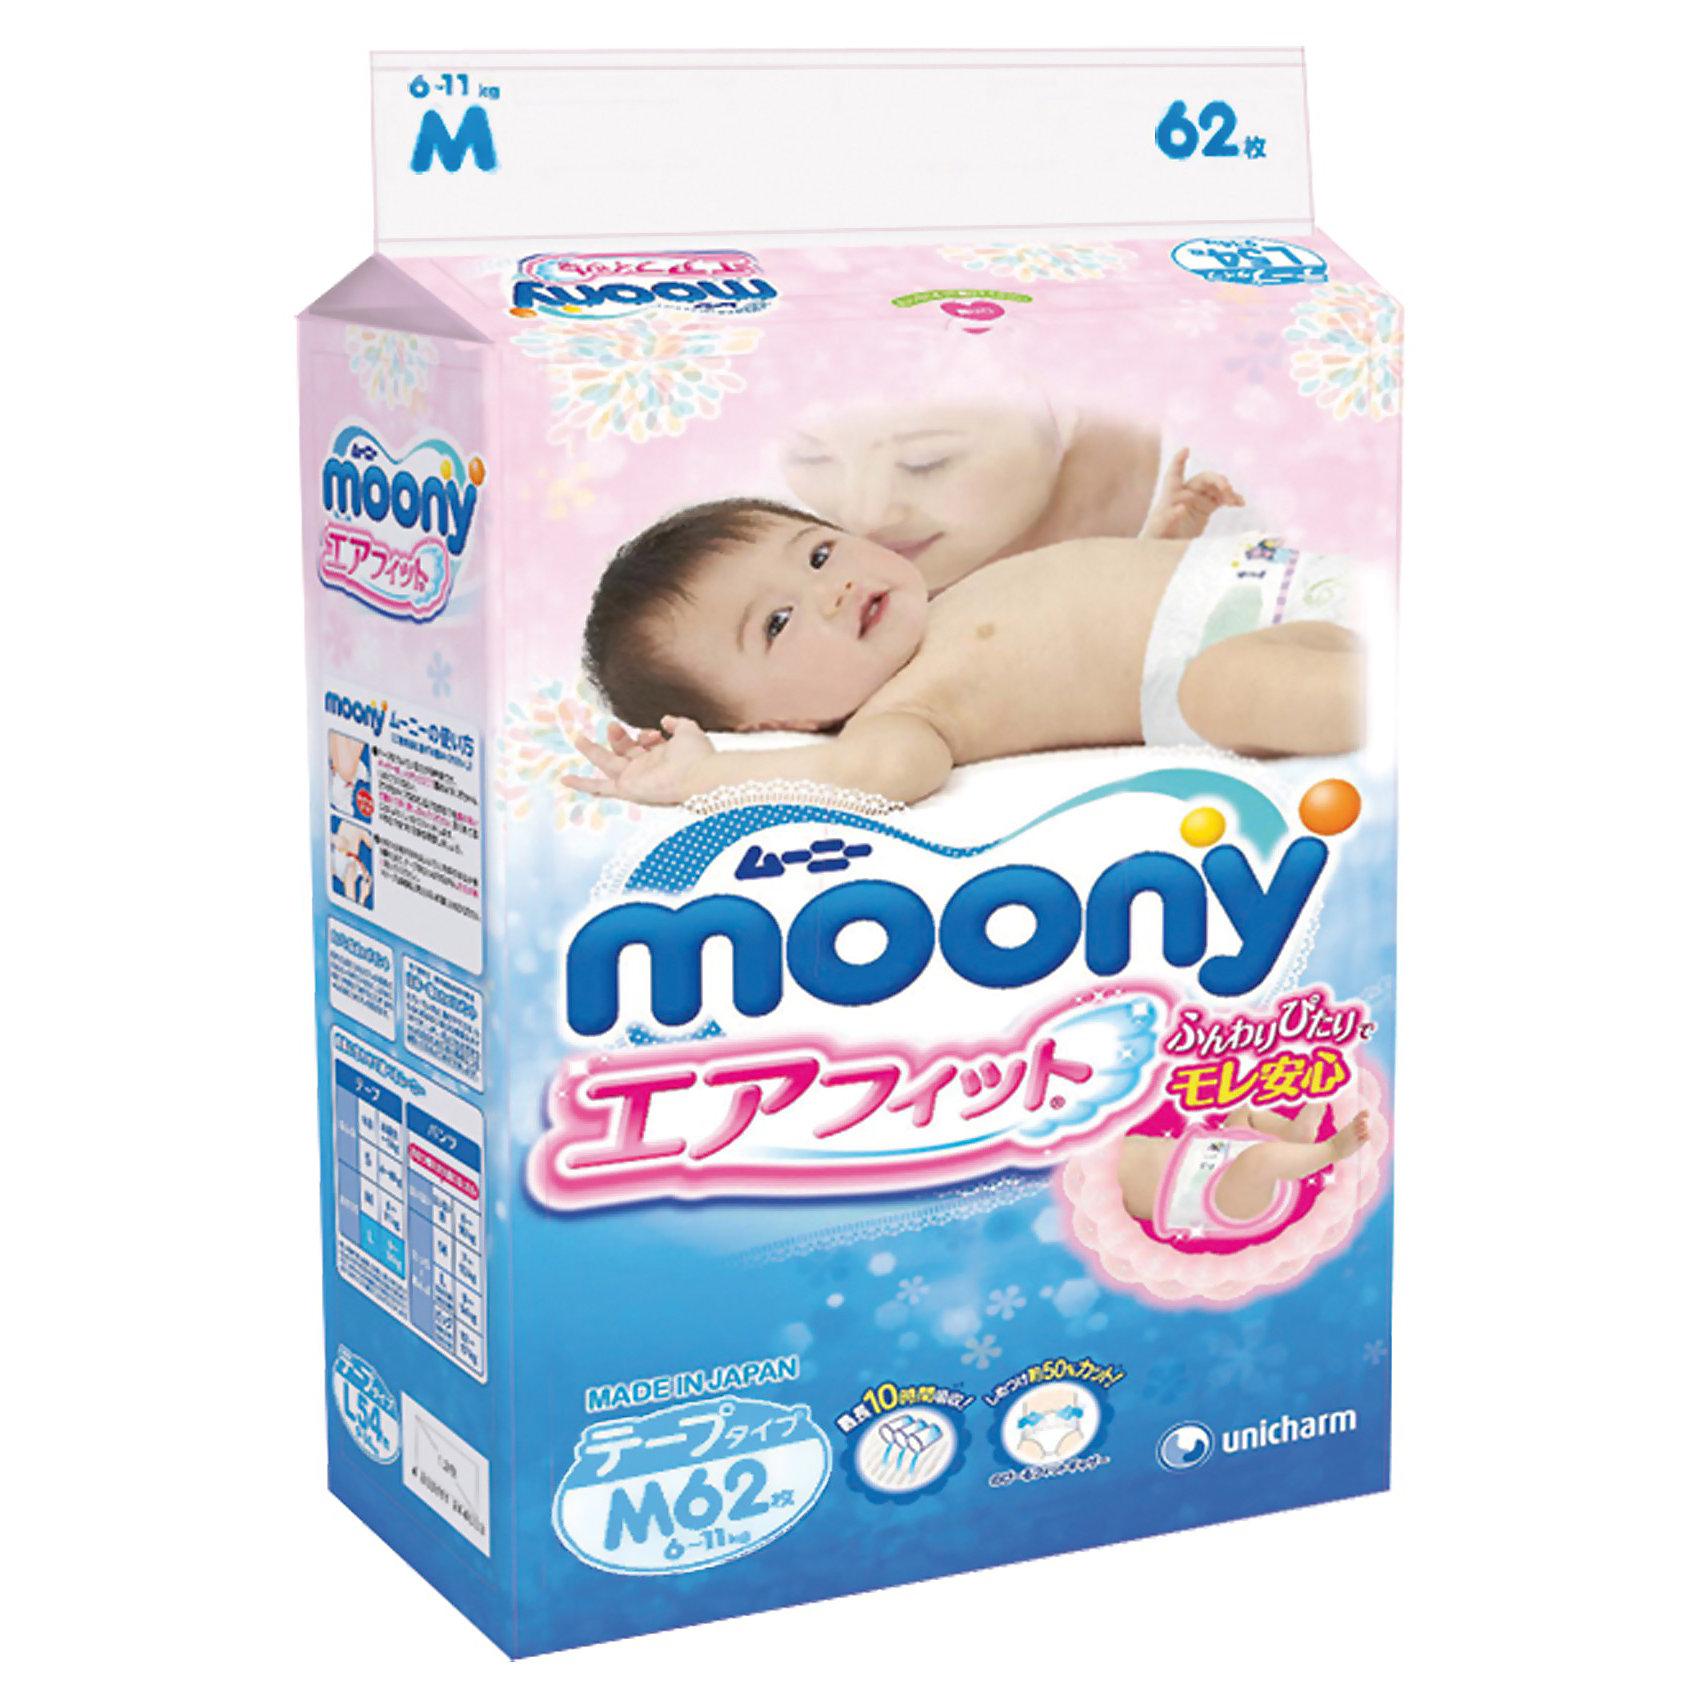 ���������� Moony Econom, M 6-11 ��, 62 ��.